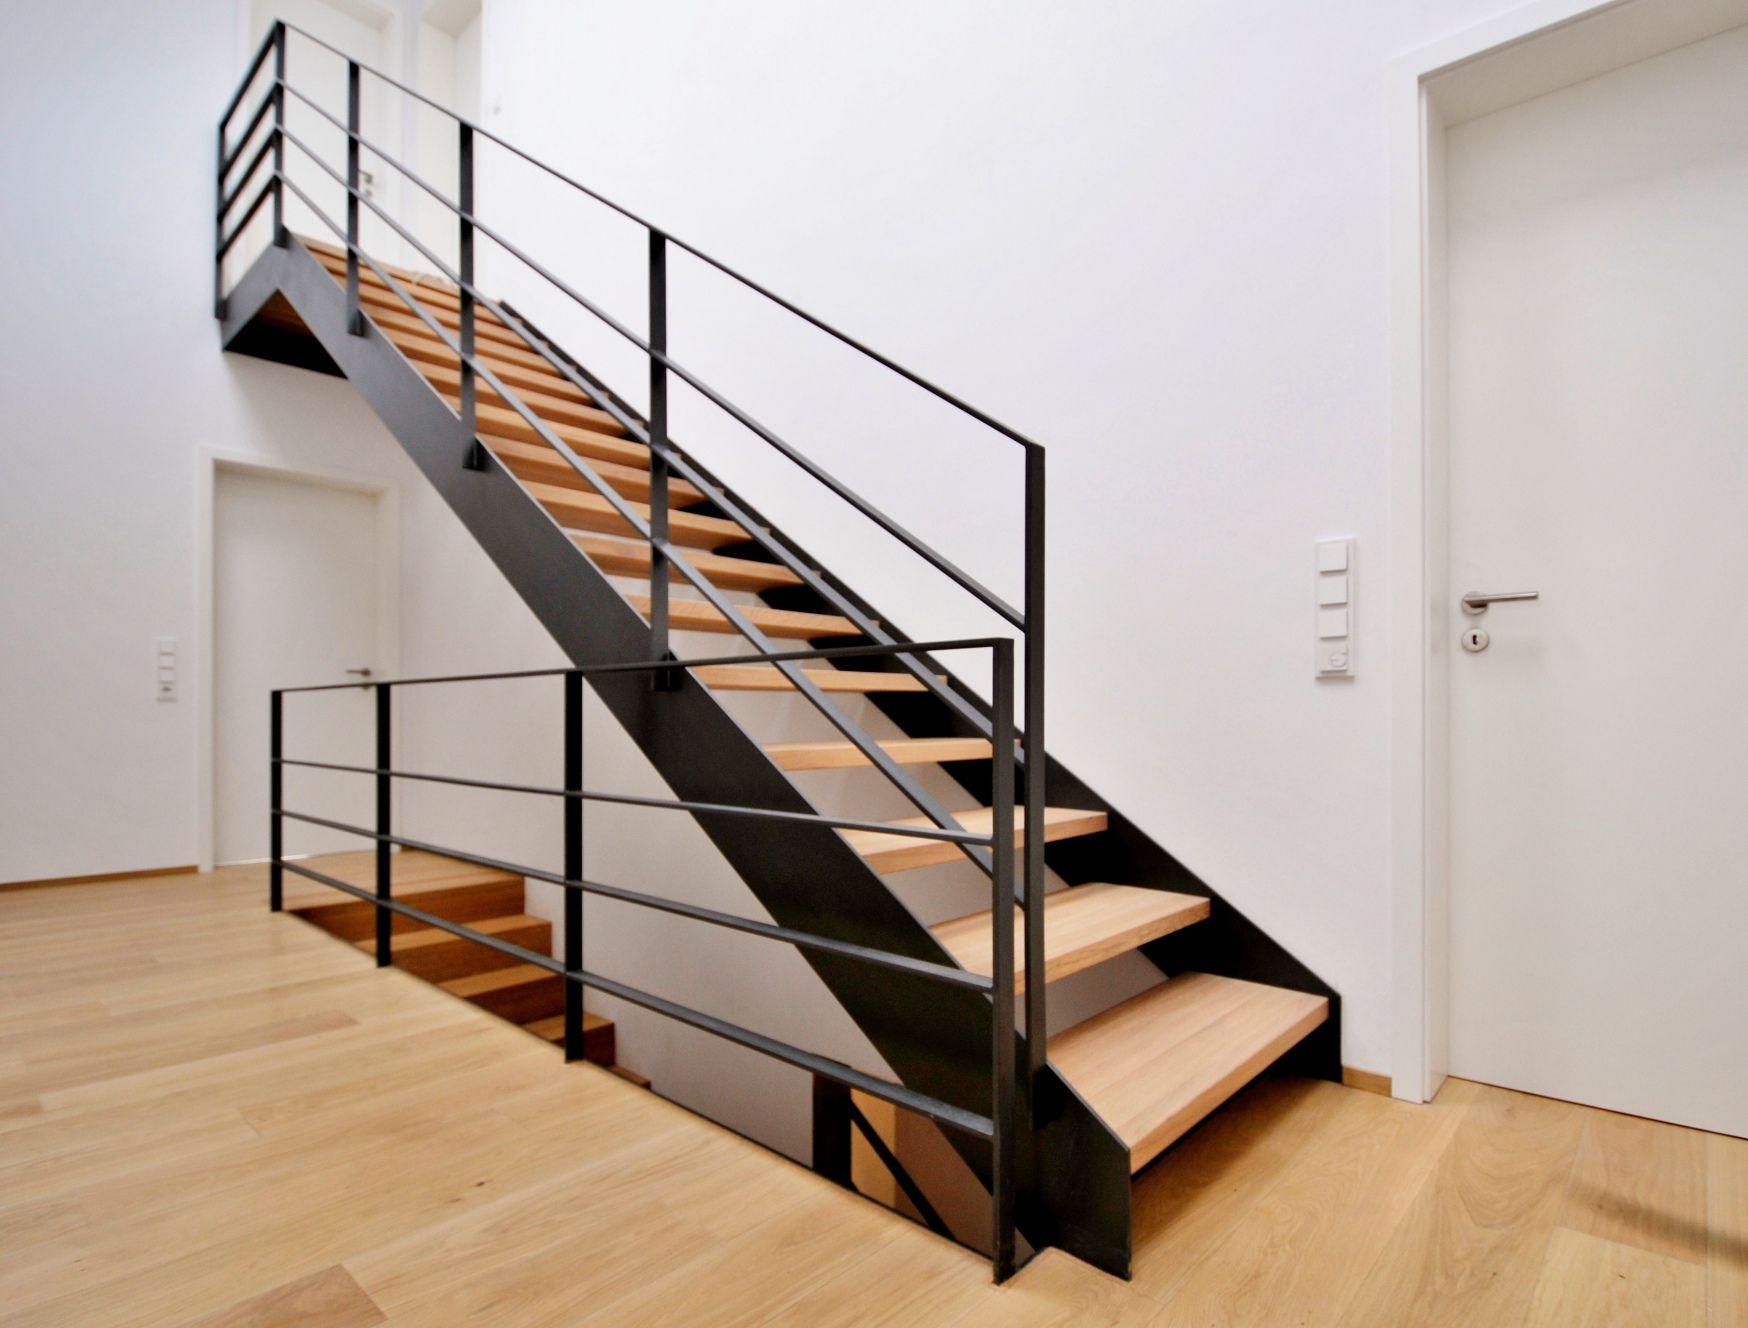 bildergebnis f r stahltreppe holzstufen treppe pinterest stahltreppen holzstufen und treppe. Black Bedroom Furniture Sets. Home Design Ideas